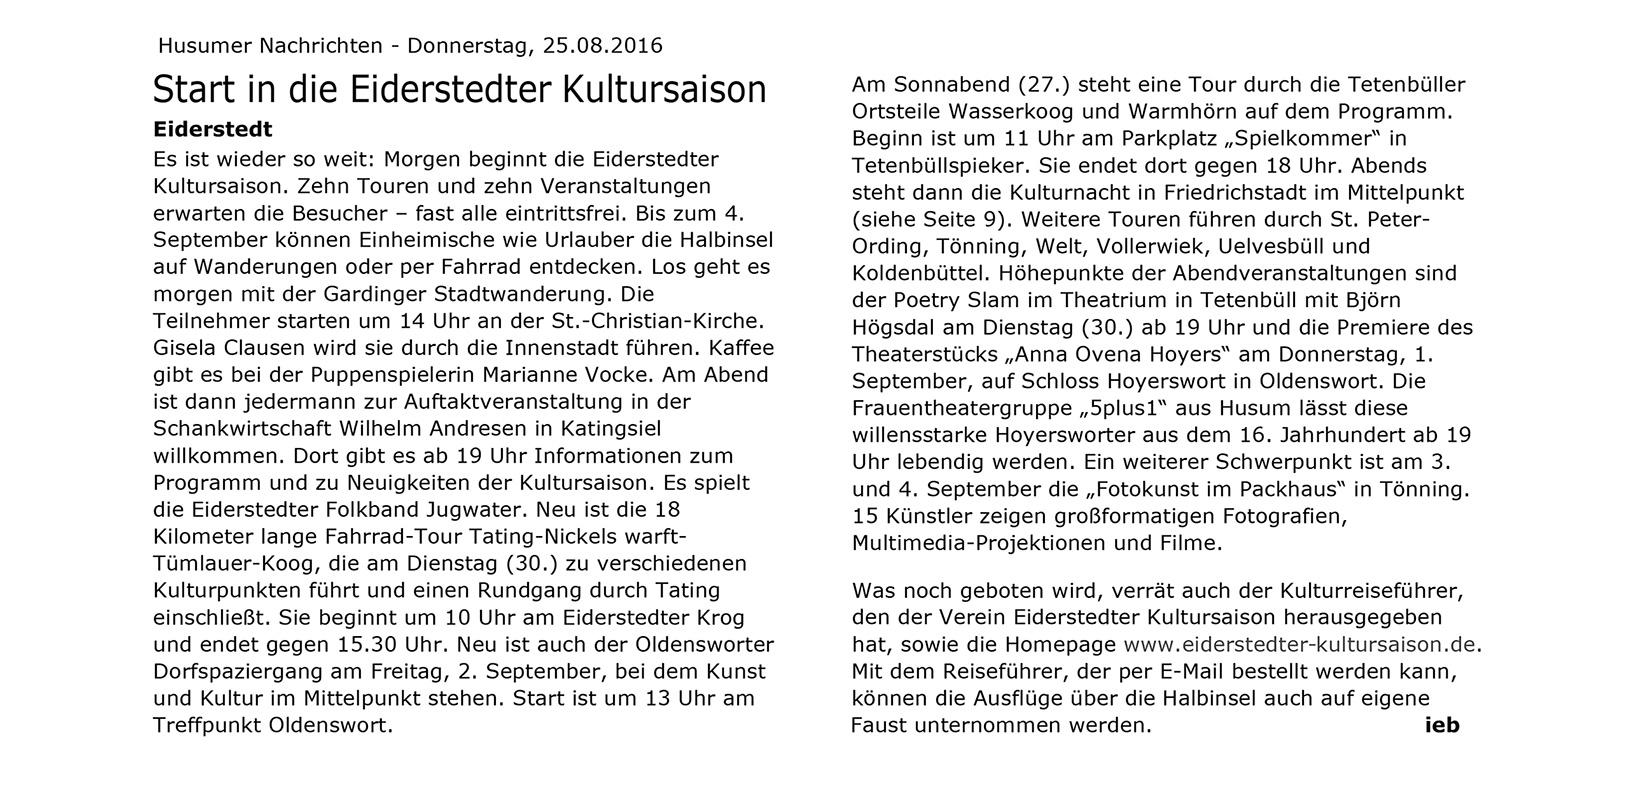 Husumer Nachrichten, Ausgabe August 2016